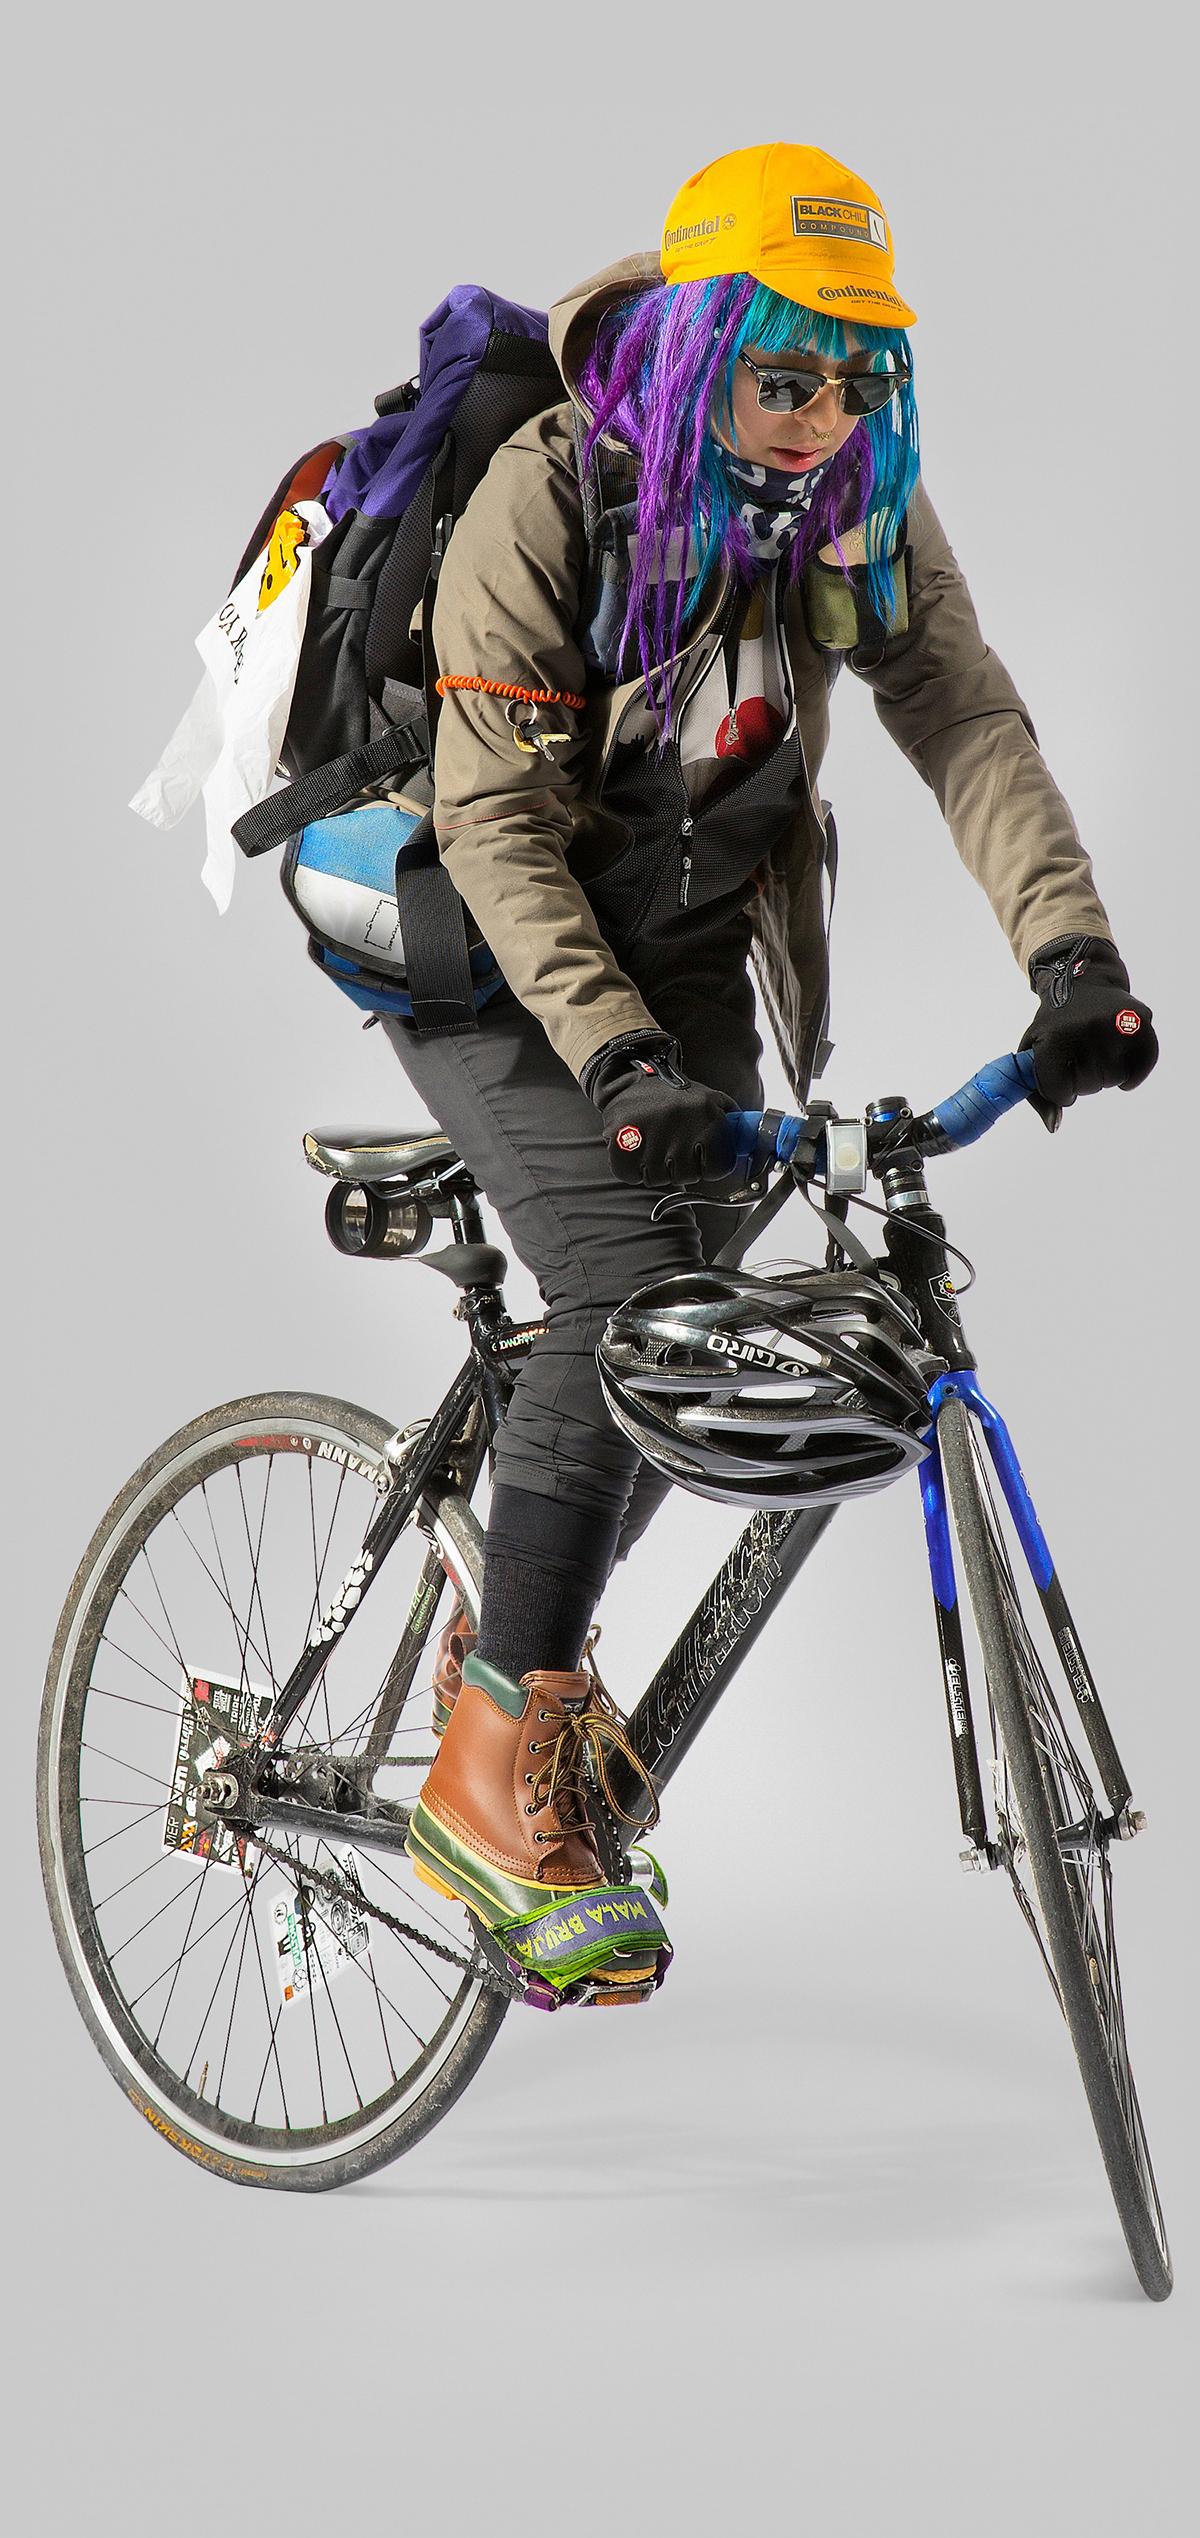 L'abbigliamento invernale del bike messenger